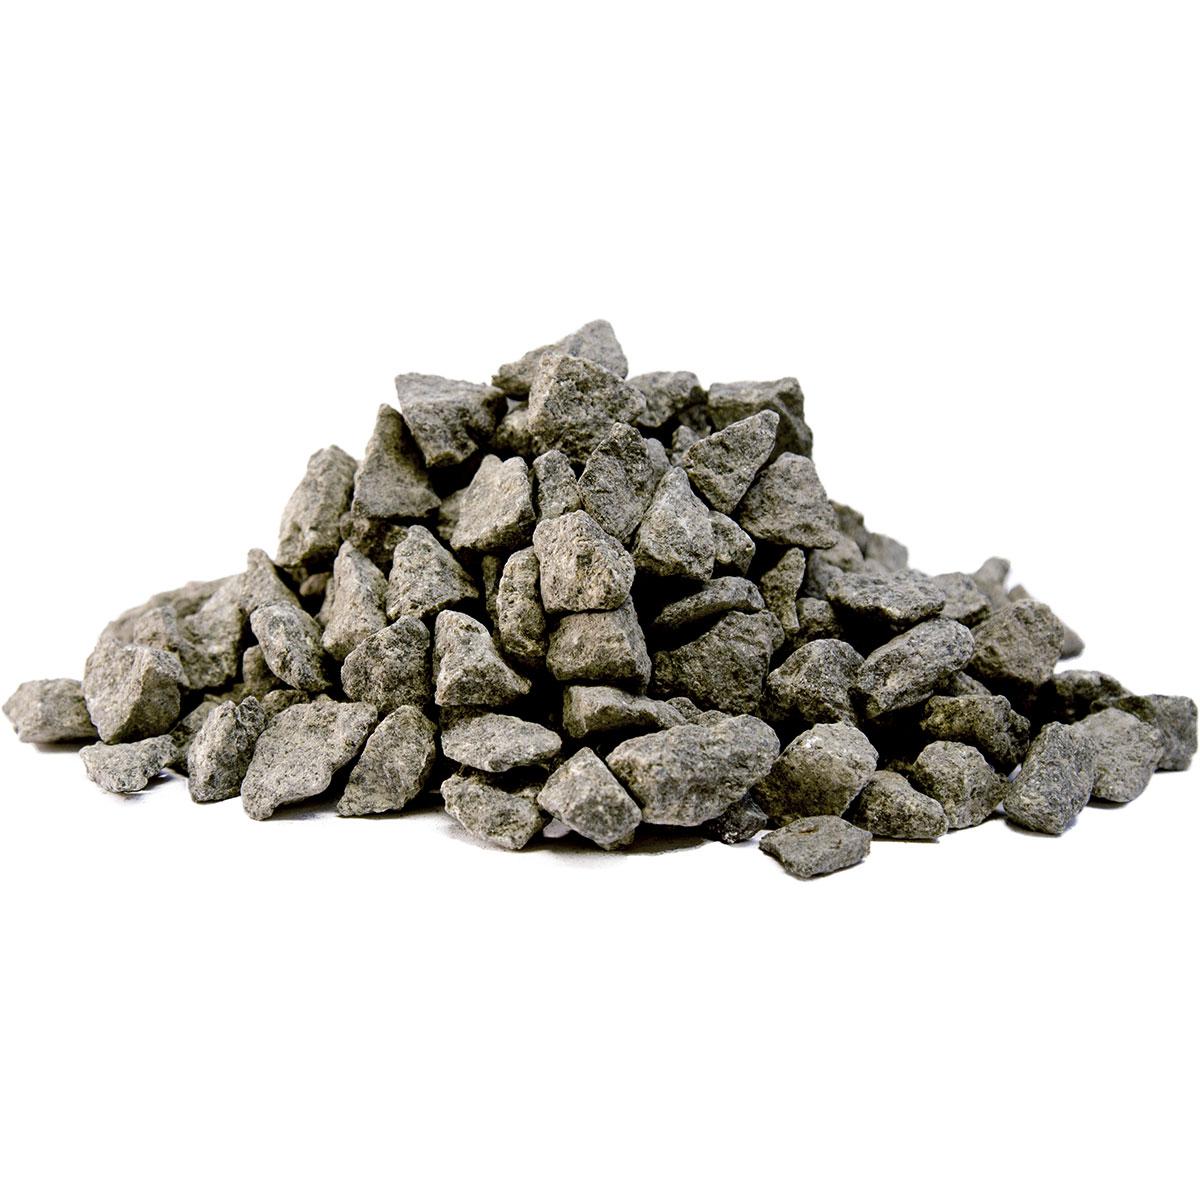 Image of   Champost granitskærver - Norsk Norit sort - 1000 kg